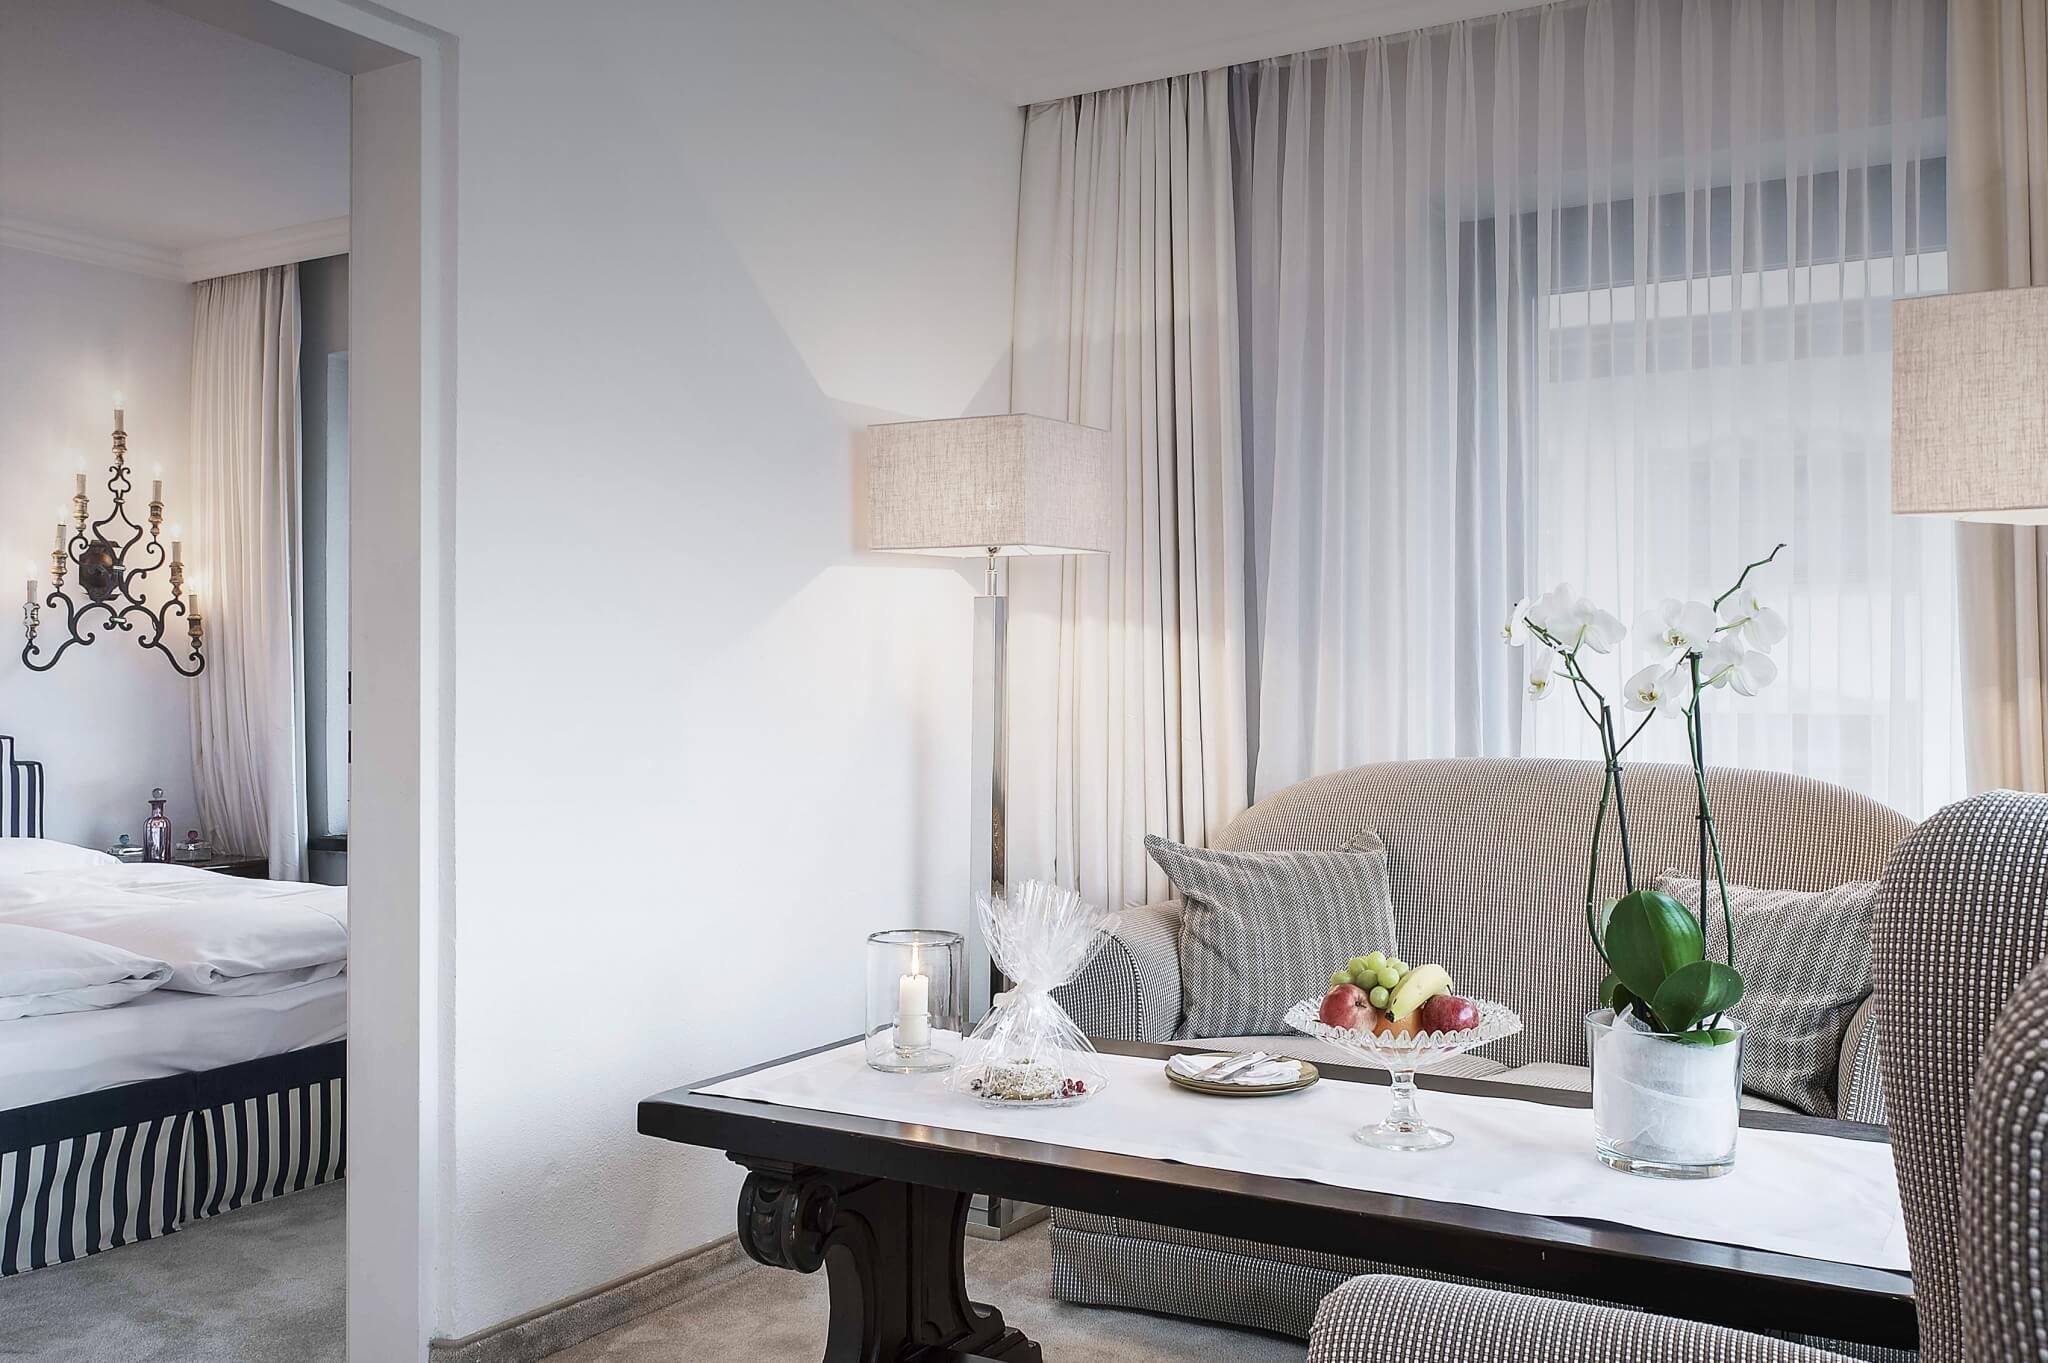 Wohn- und Schlafbereich eines Zimmers im Luxushotel in Vorarlberg